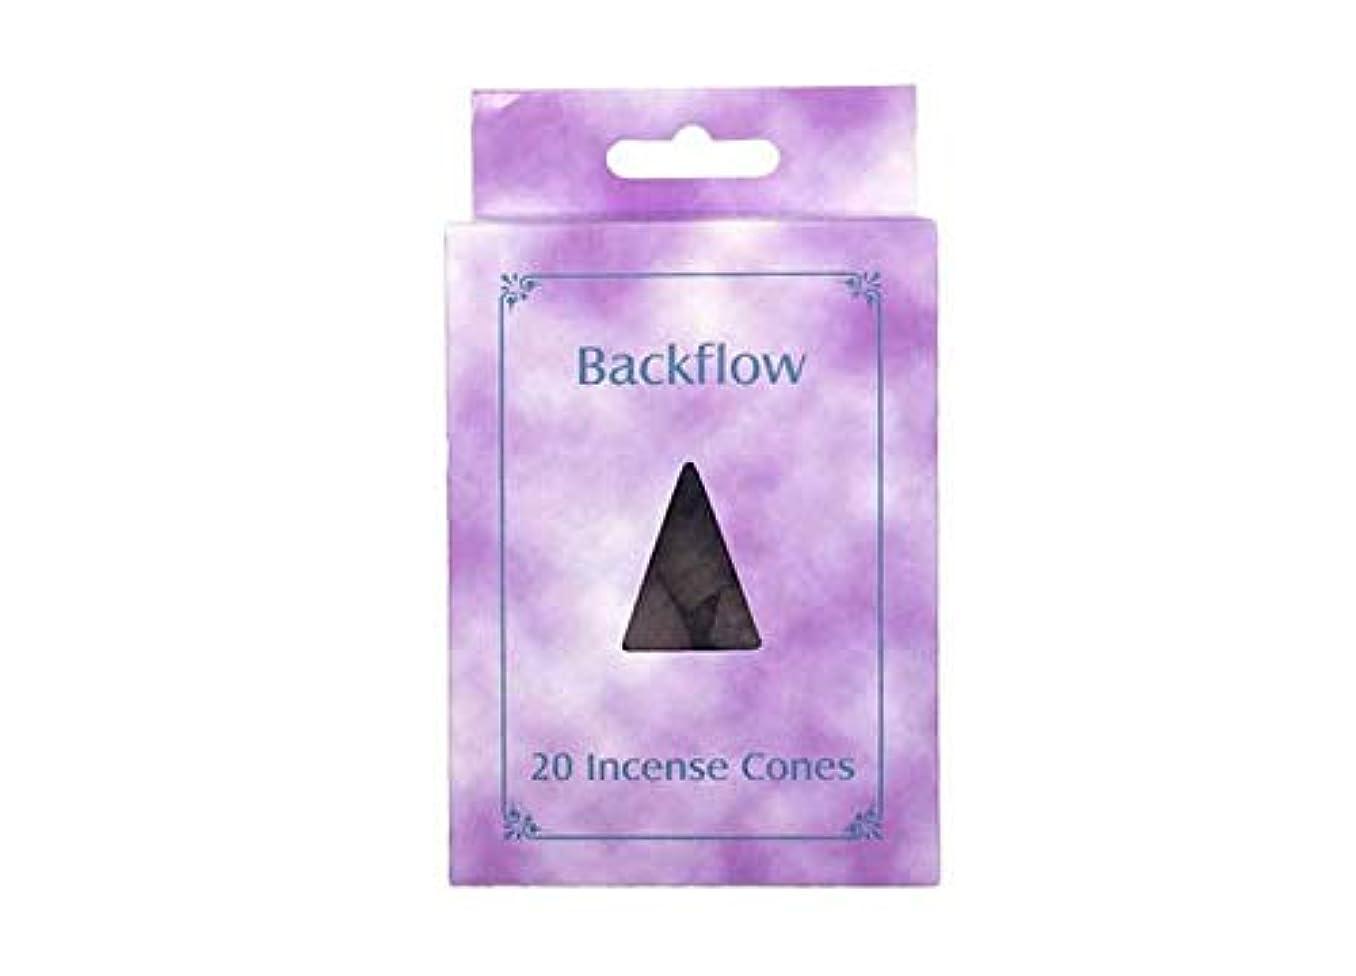 かける雪だるまを作る余計なお香 逆流コーン 逆流香 20p ローズ Backflow Incense Cones 20p Rose